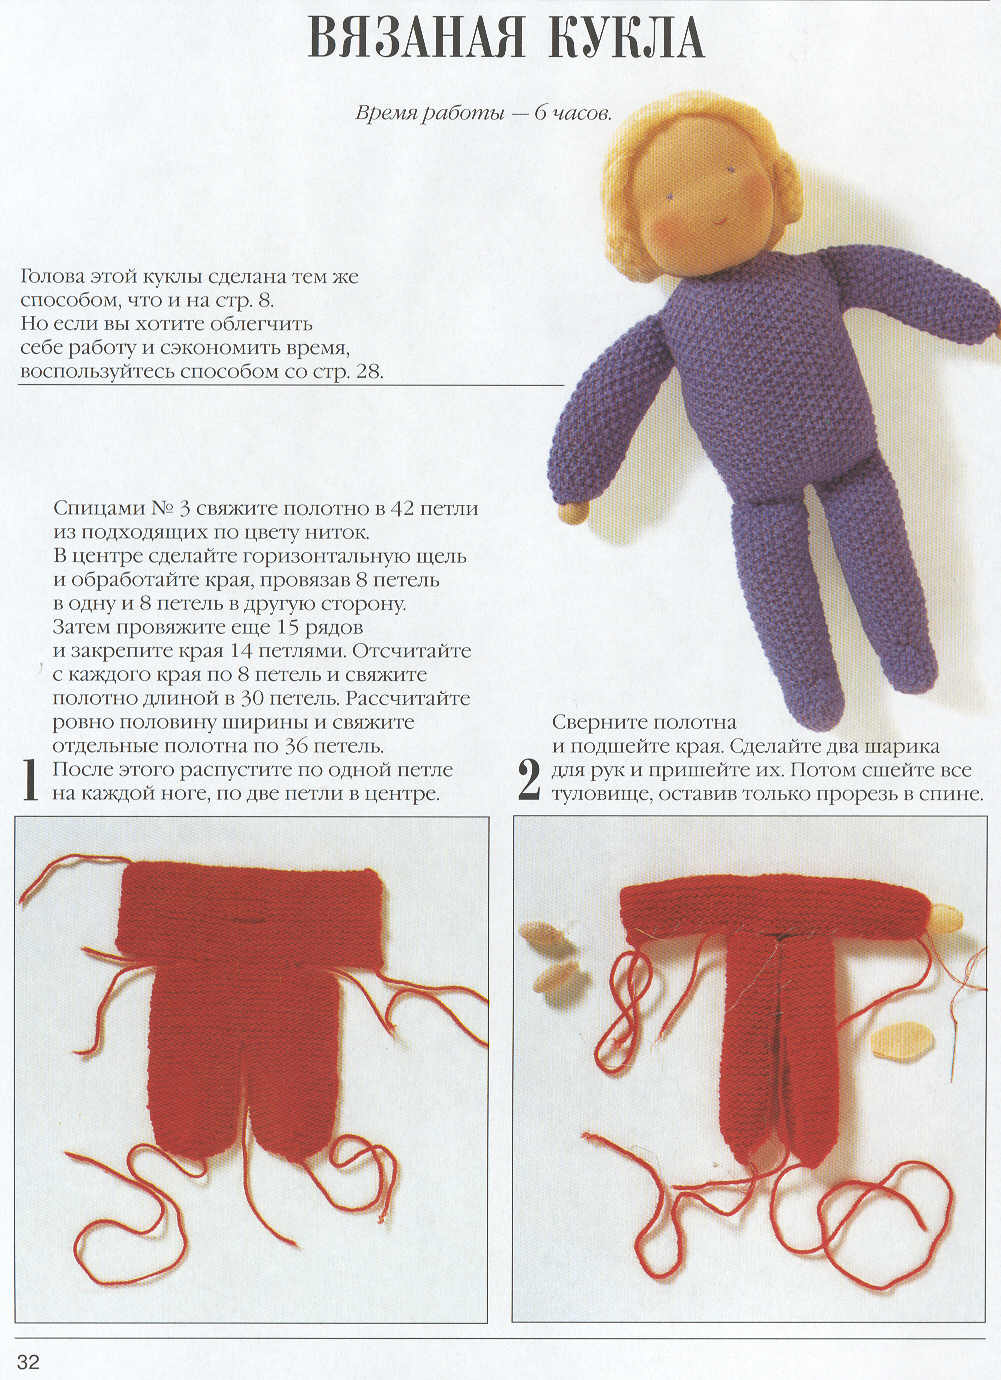 Вязаные куклы с описанием и схемами Связать куклу на руку крючком схемы